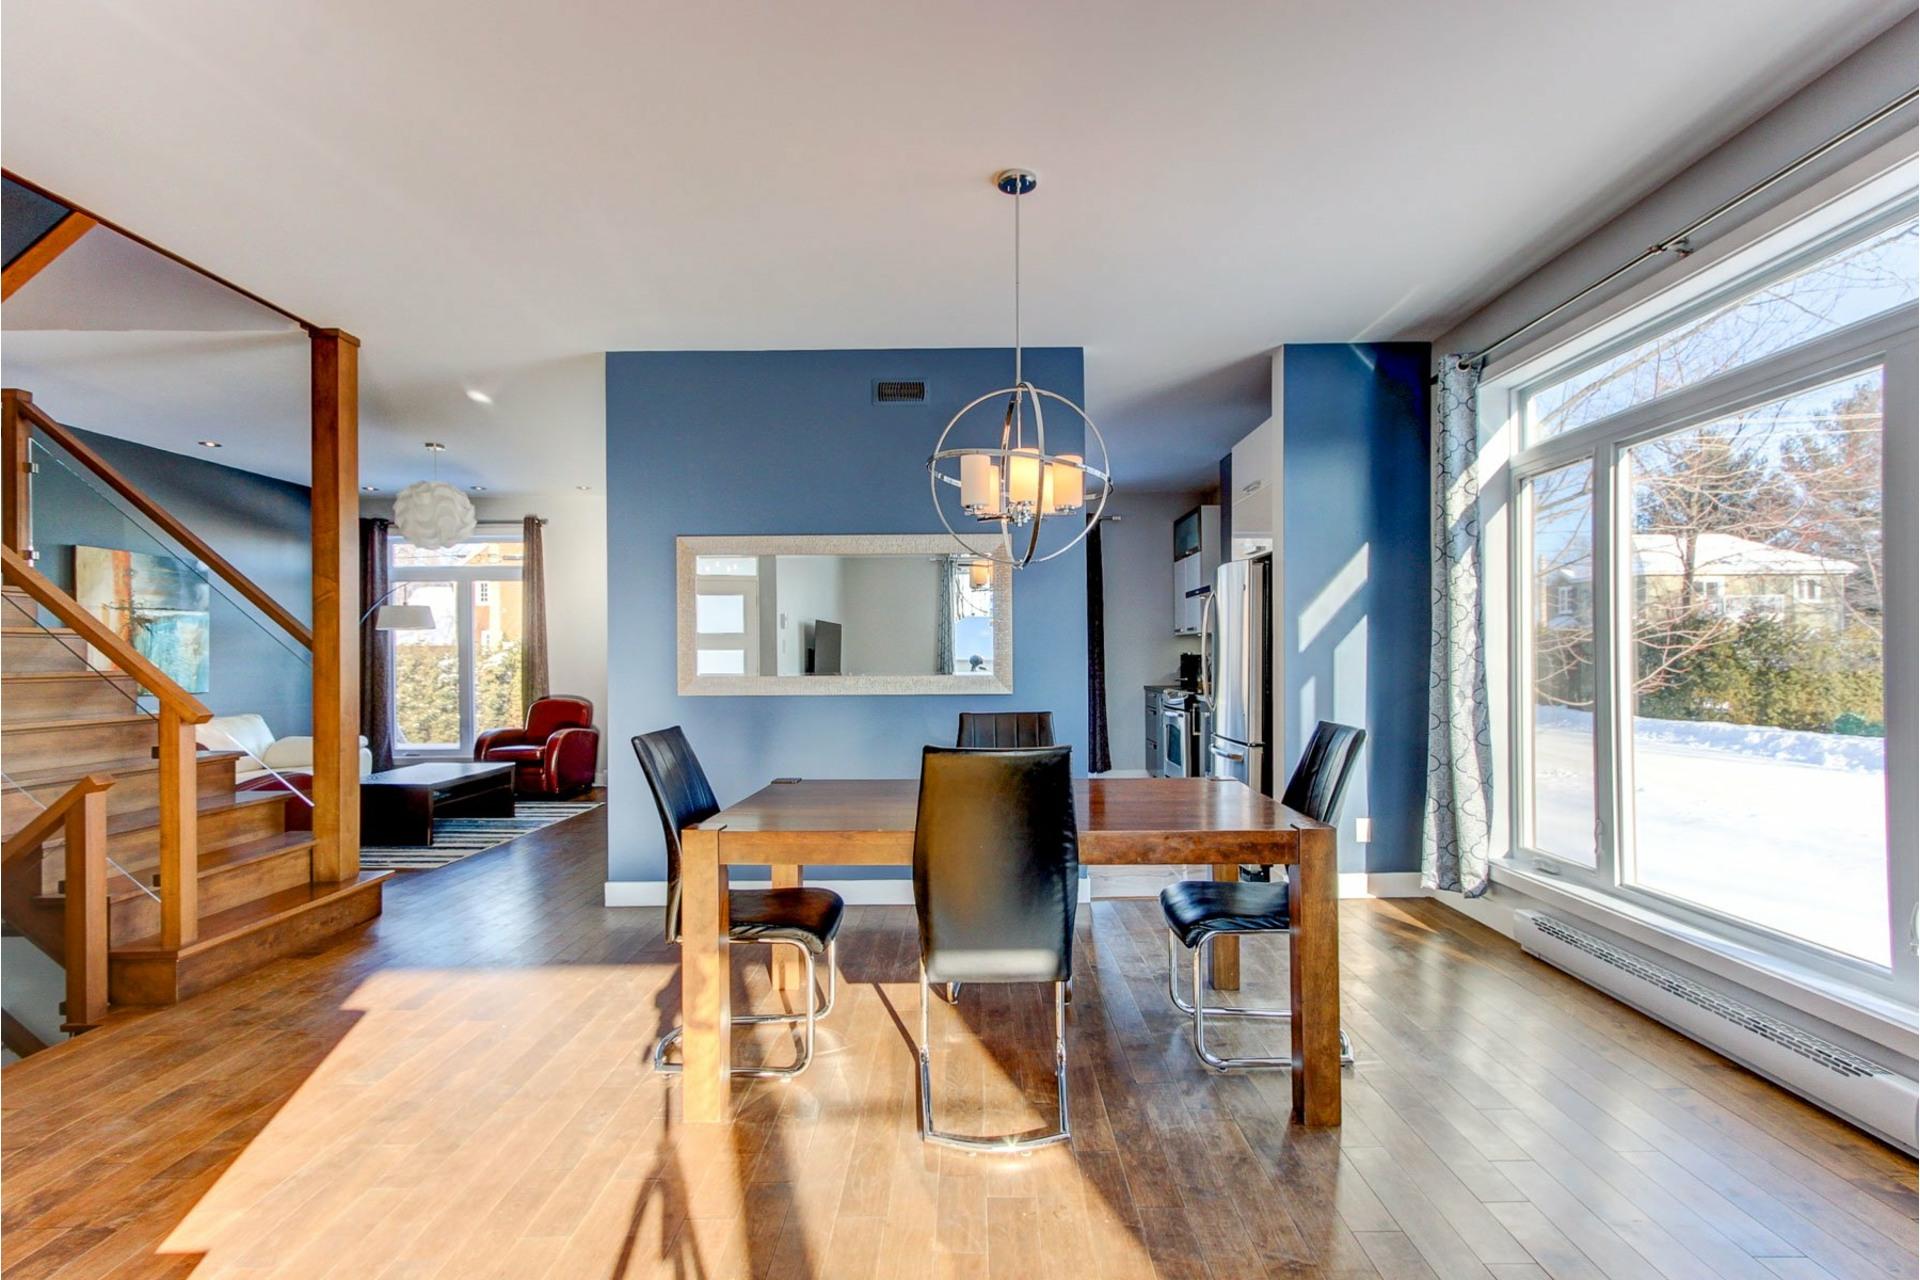 image 4 - Maison À vendre Trois-Rivières - 13 pièces